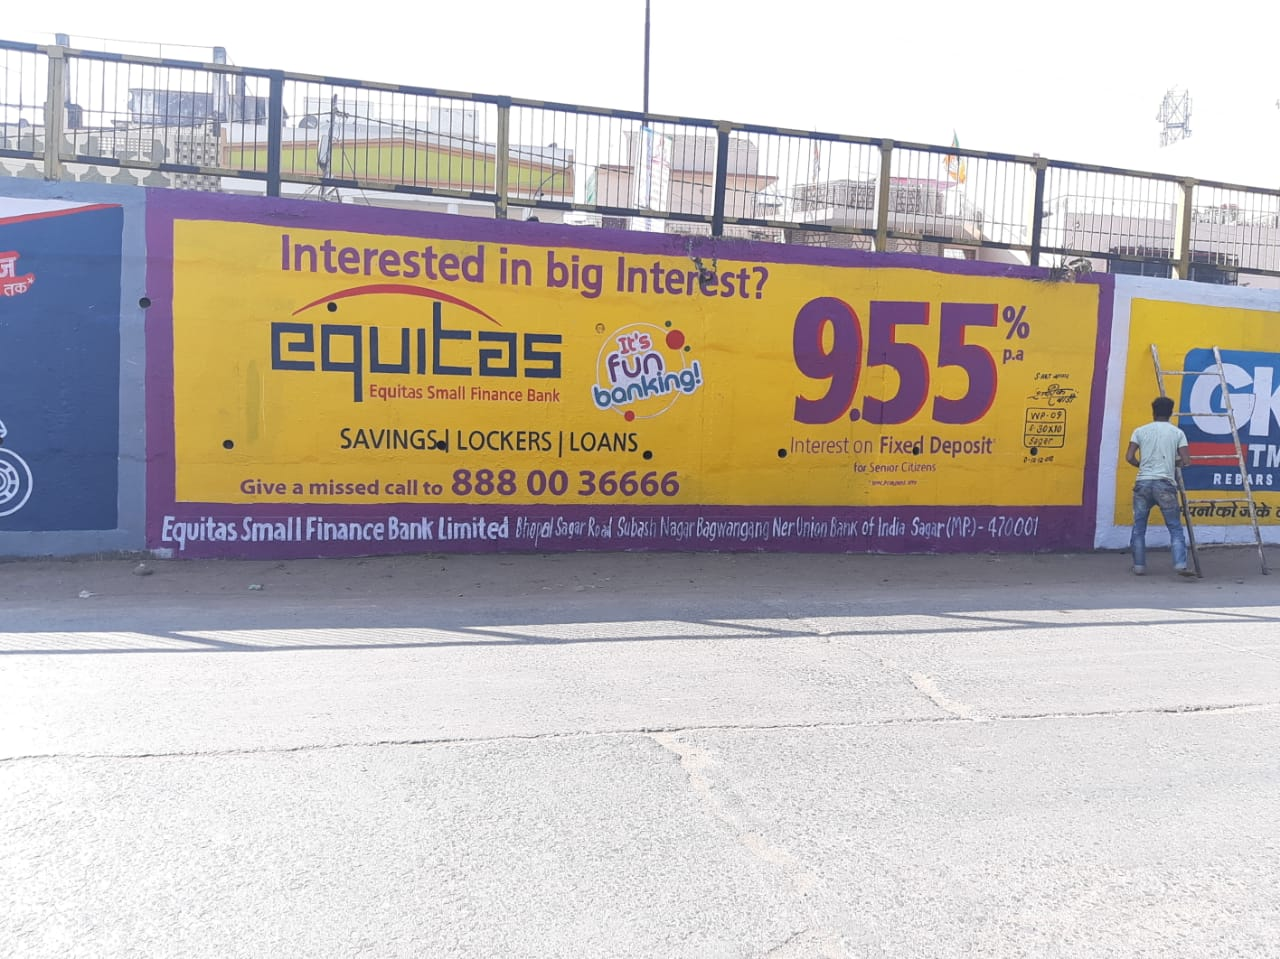 Wall Painting Advertising In Bhubaneshwar Bhubaneswar 751007